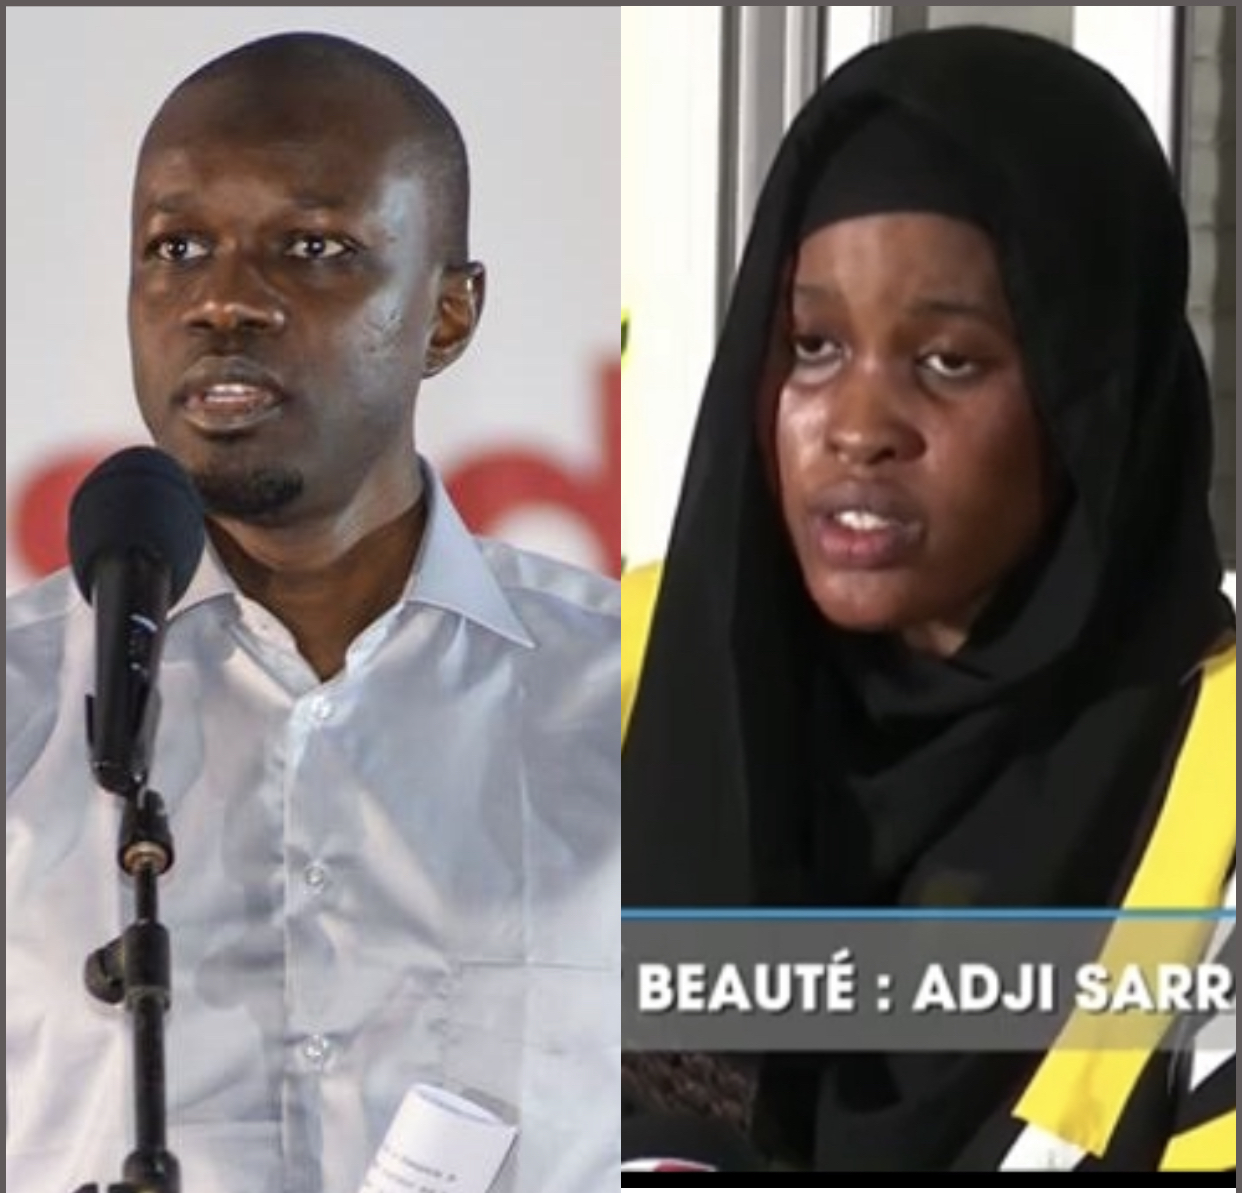 Adji Sarr sur sa première rencontre avec Ousmane Sonko : «Il m'a forcée à me coucher par terre sachant que j'étais vierge...»